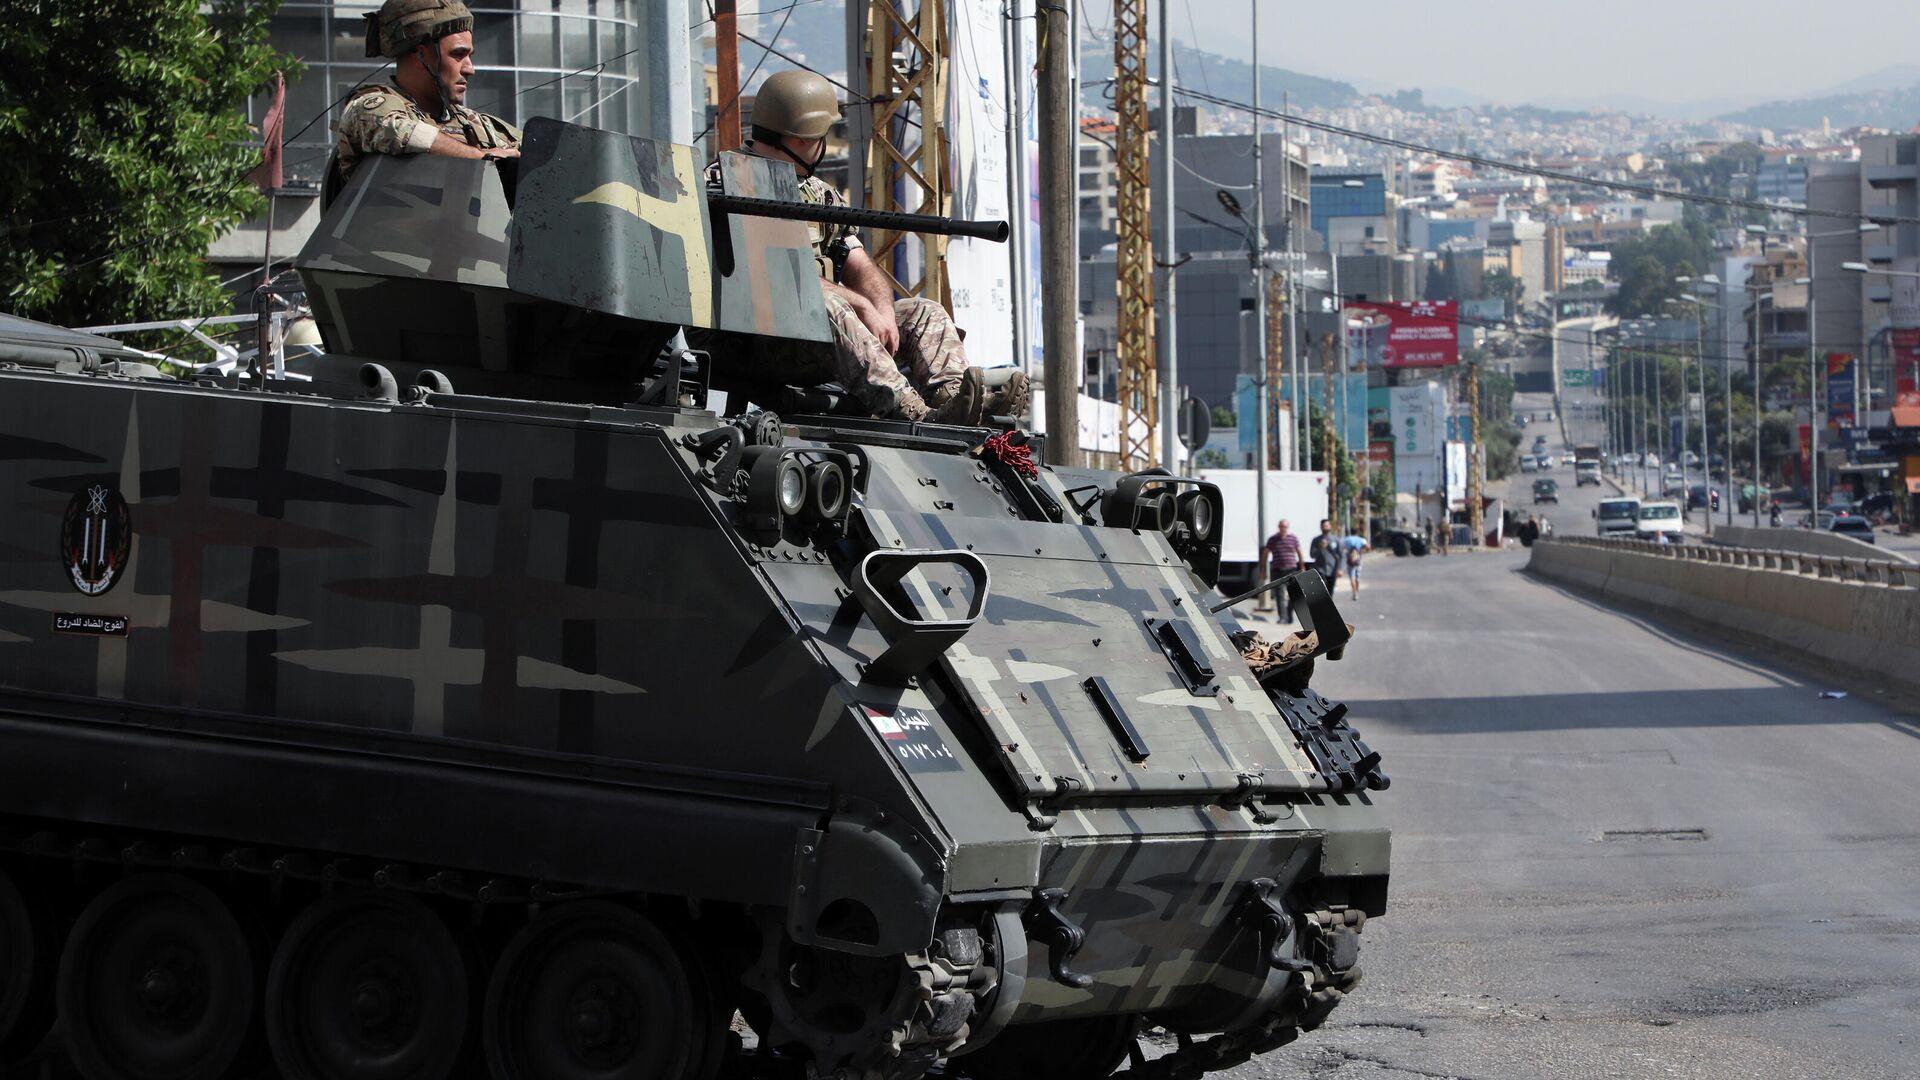 Beyrut Limanı patlamasını soruşturan yargıcı protestoya giden Hizbullah destekçilerine kanlı saldırının ardından başkent sokaklarına Lübnan ordusu konuşlandırıldı.  - Sputnik Türkiye, 1920, 14.10.2021